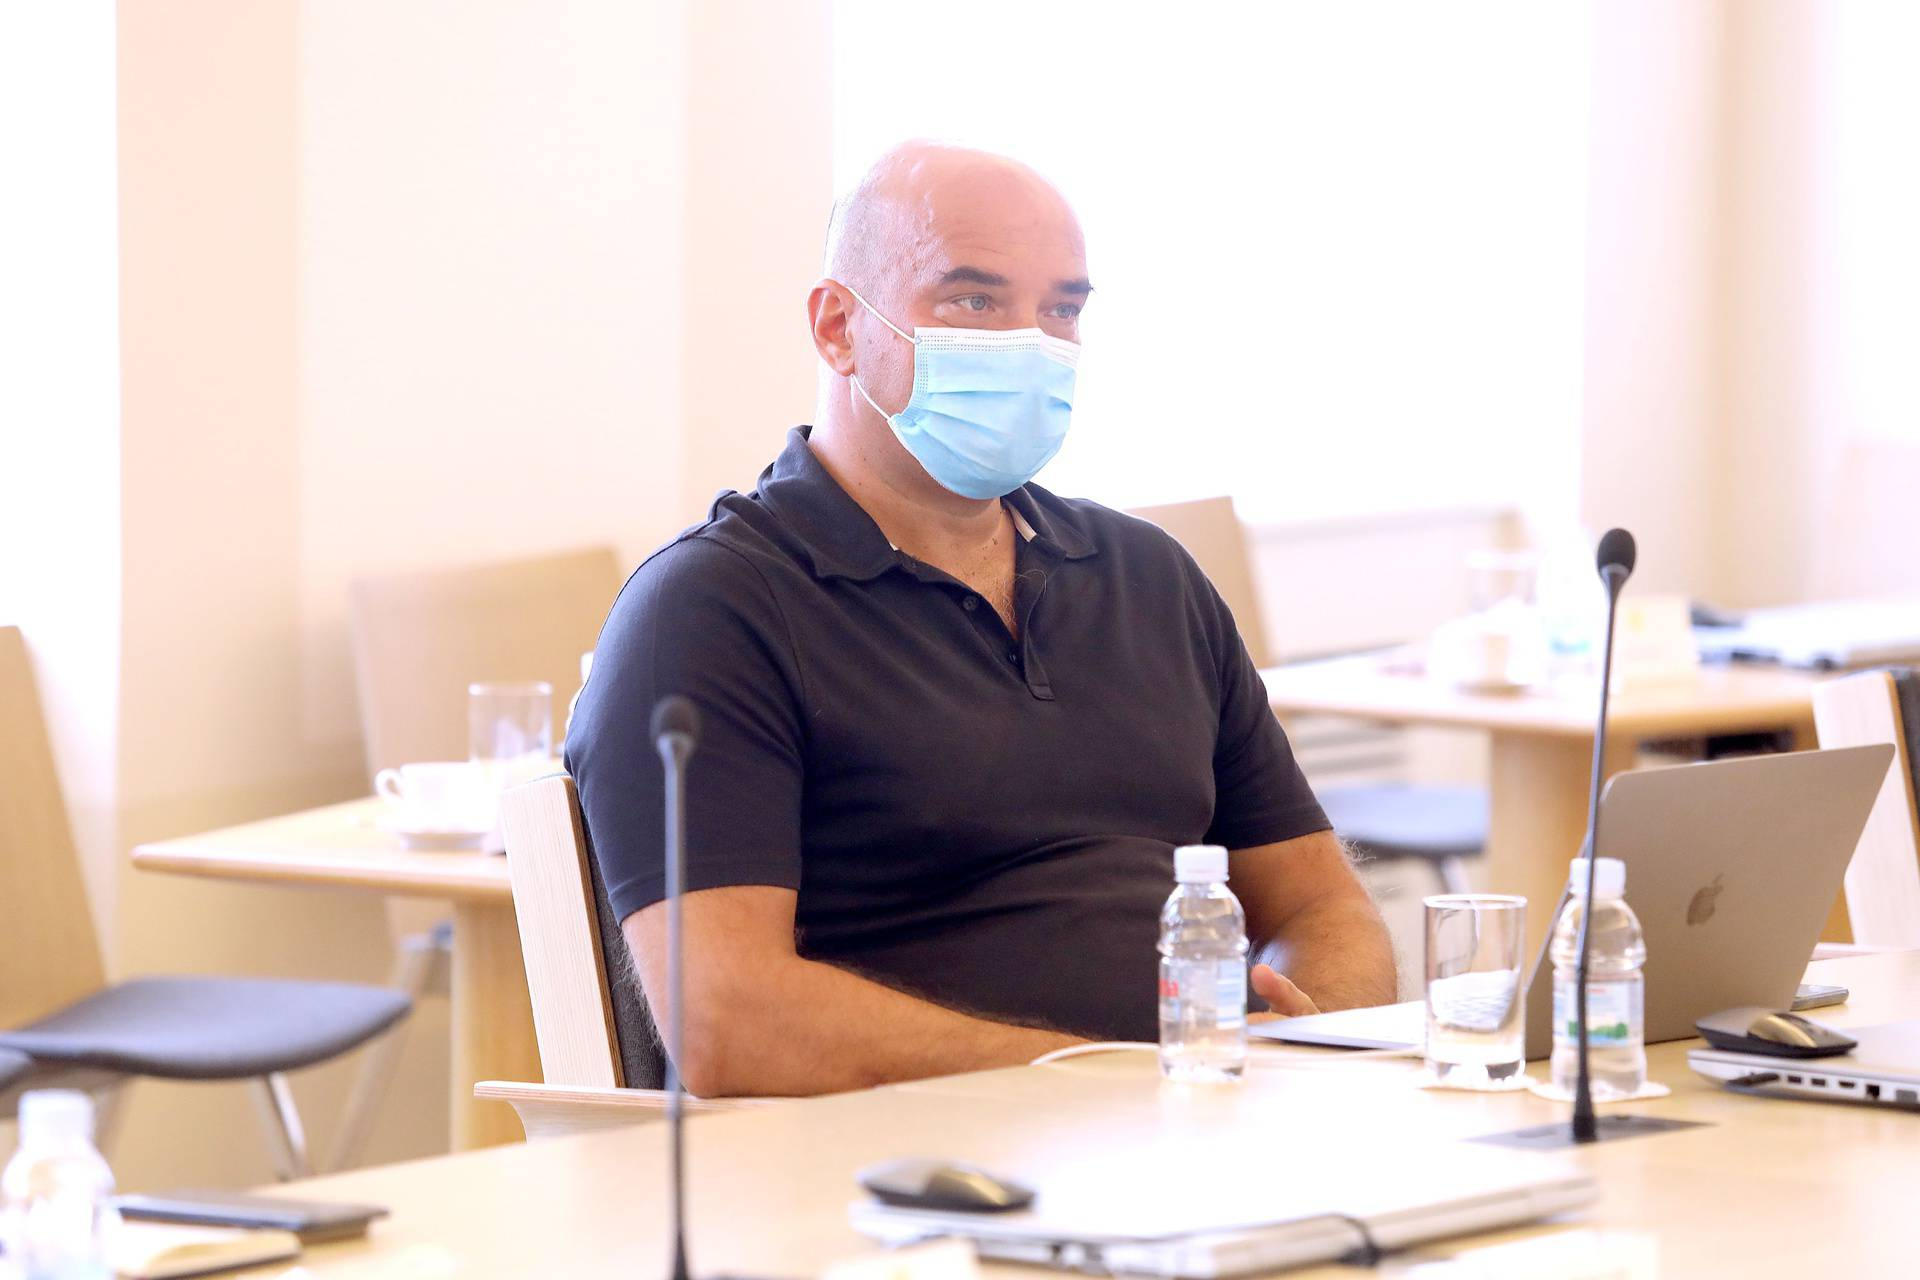 Lauc: Ovo je najgori virus s kojim sam se sreo u životu